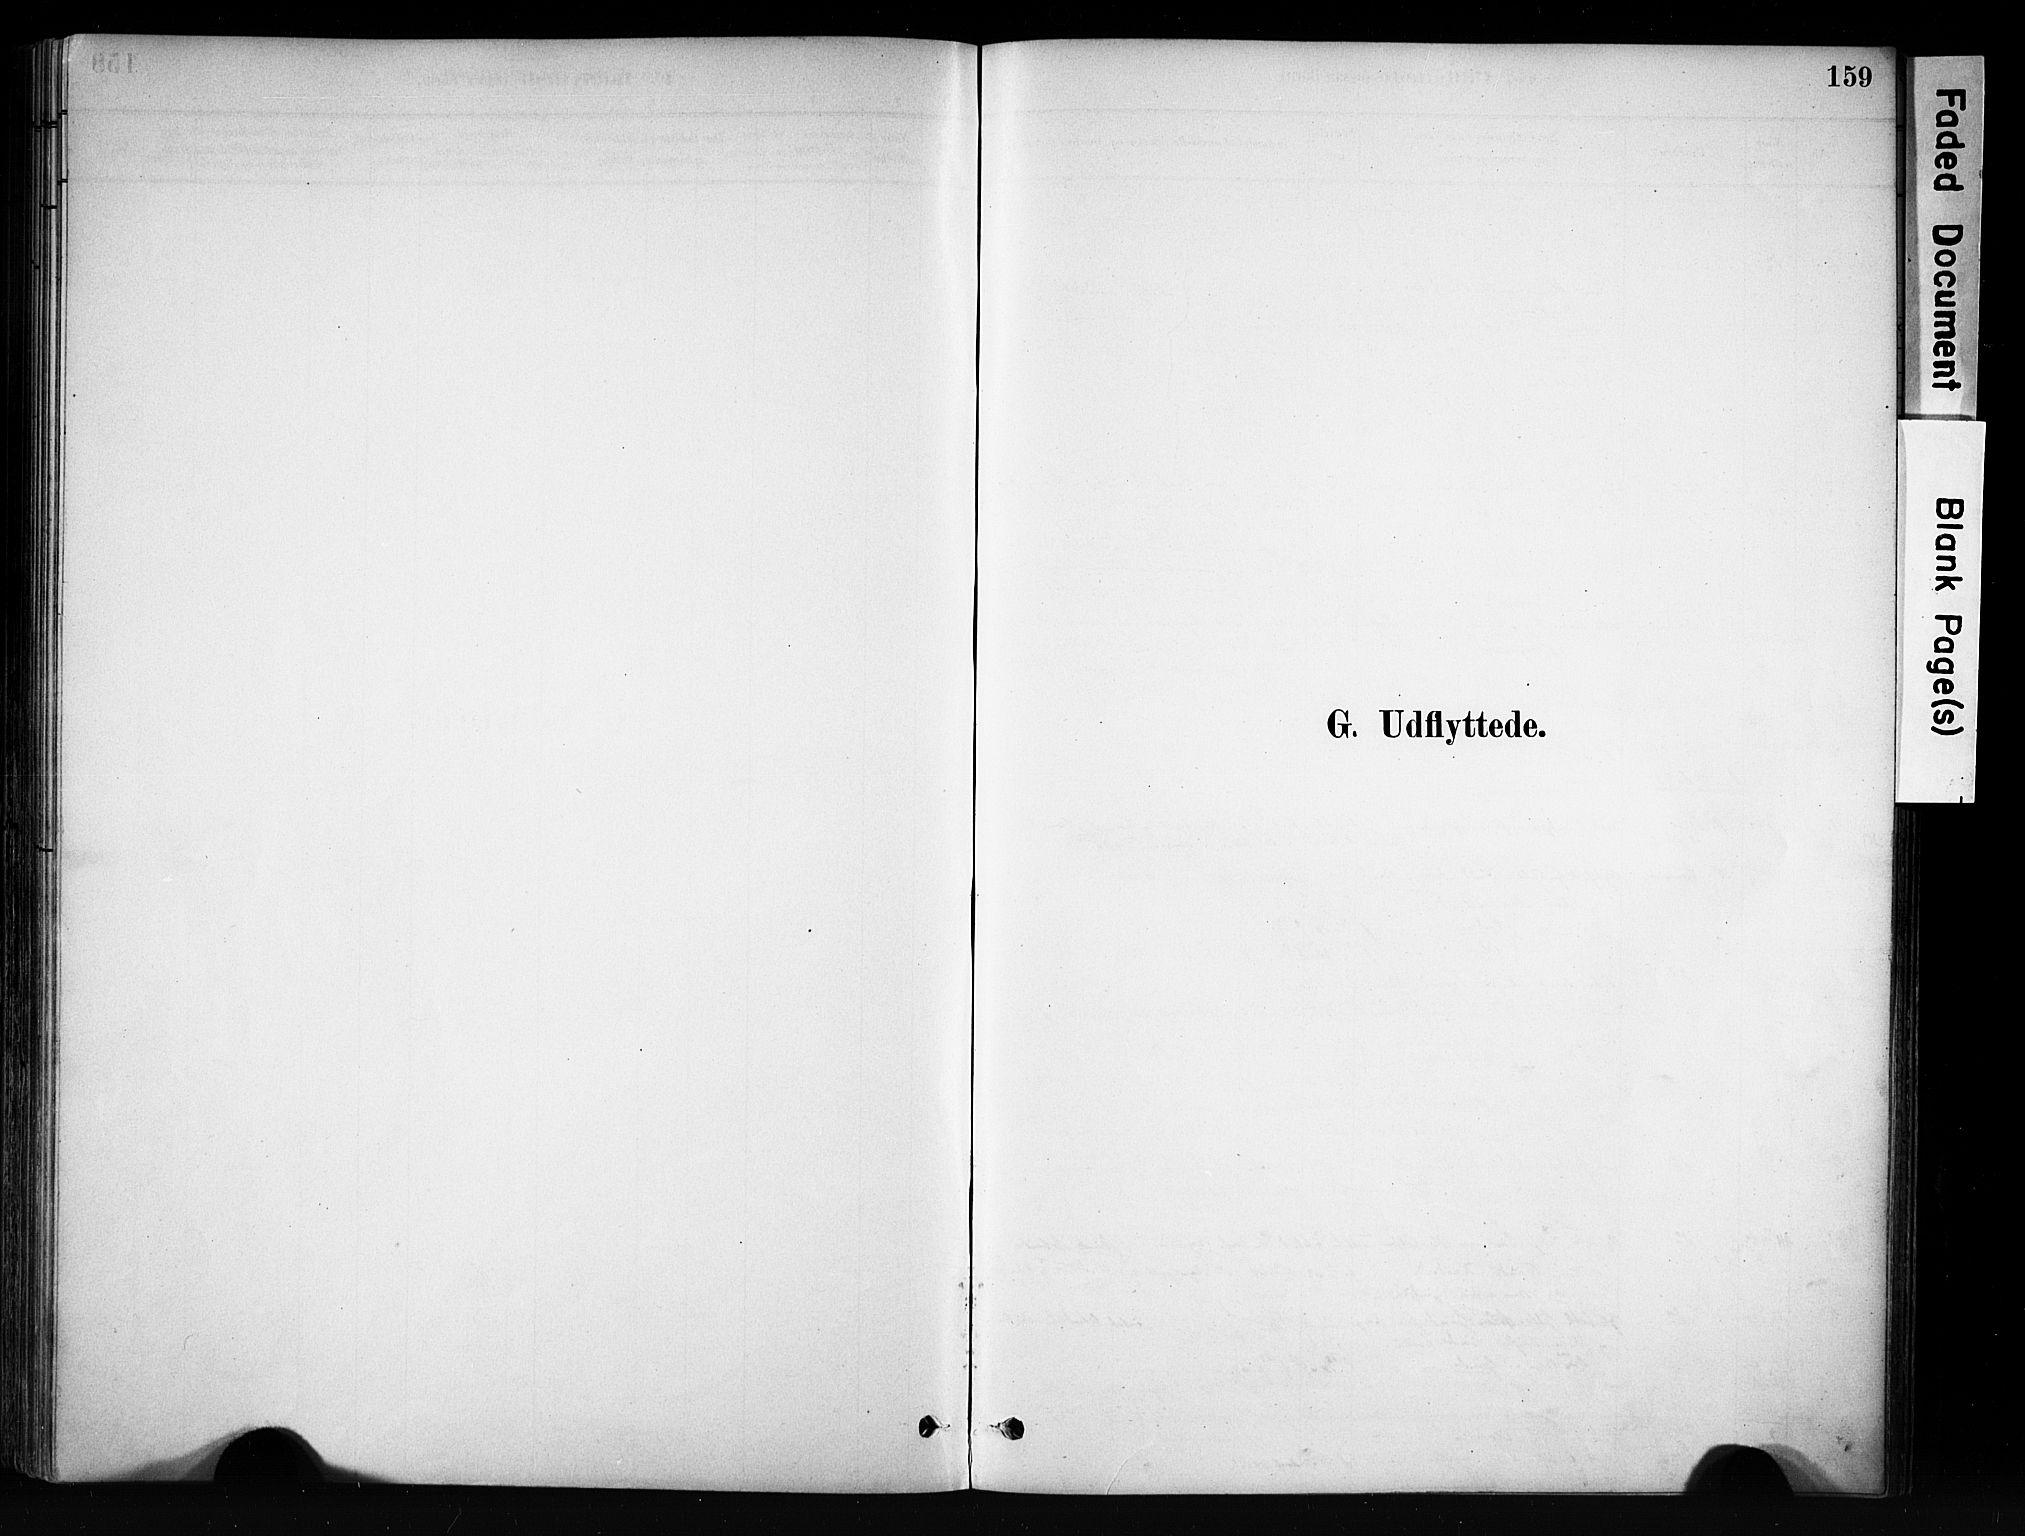 SAH, Vang prestekontor, Valdres, Ministerialbok nr. 9, 1882-1914, s. 159